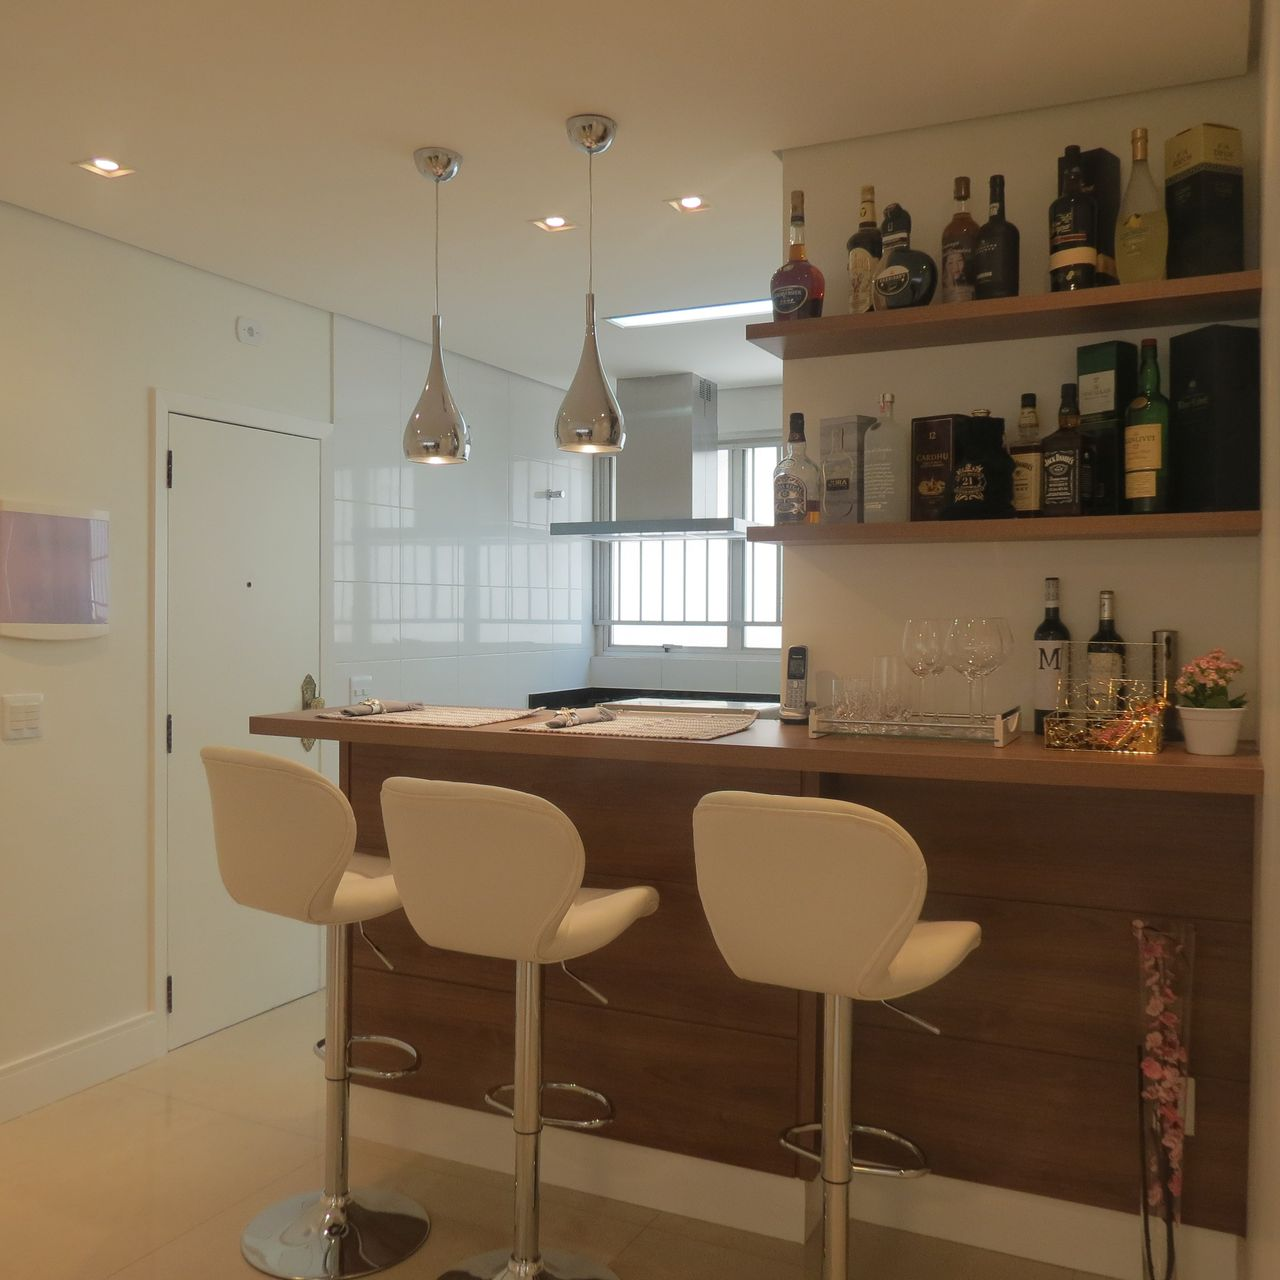 Cozinha Americana Com Bar E Prateleiras De Danielle David 137174